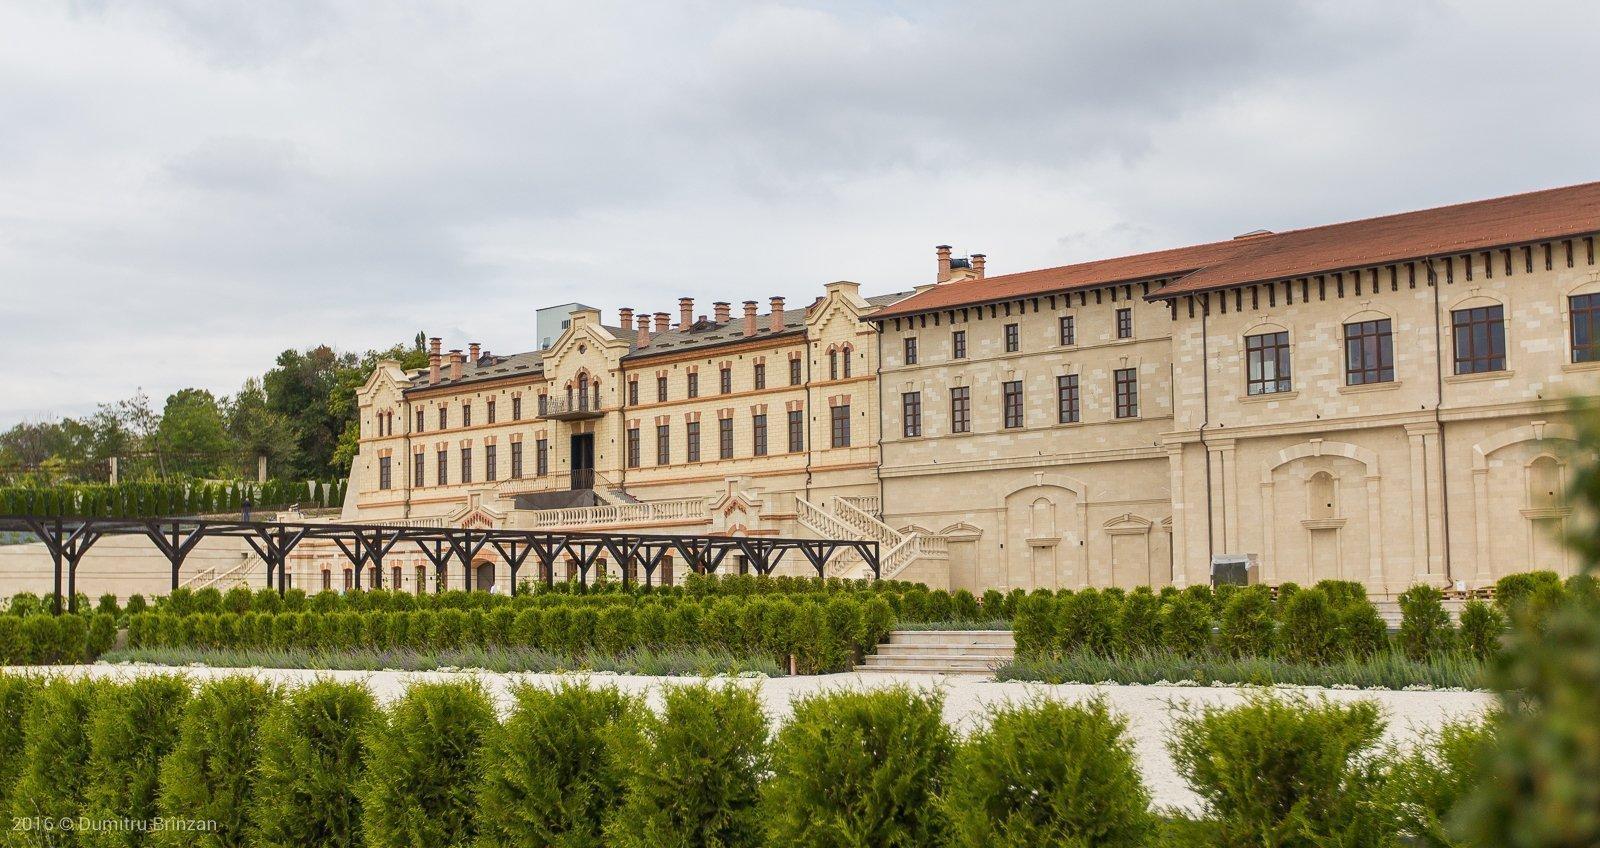 castel-mimi-winery-moldova-2016-24